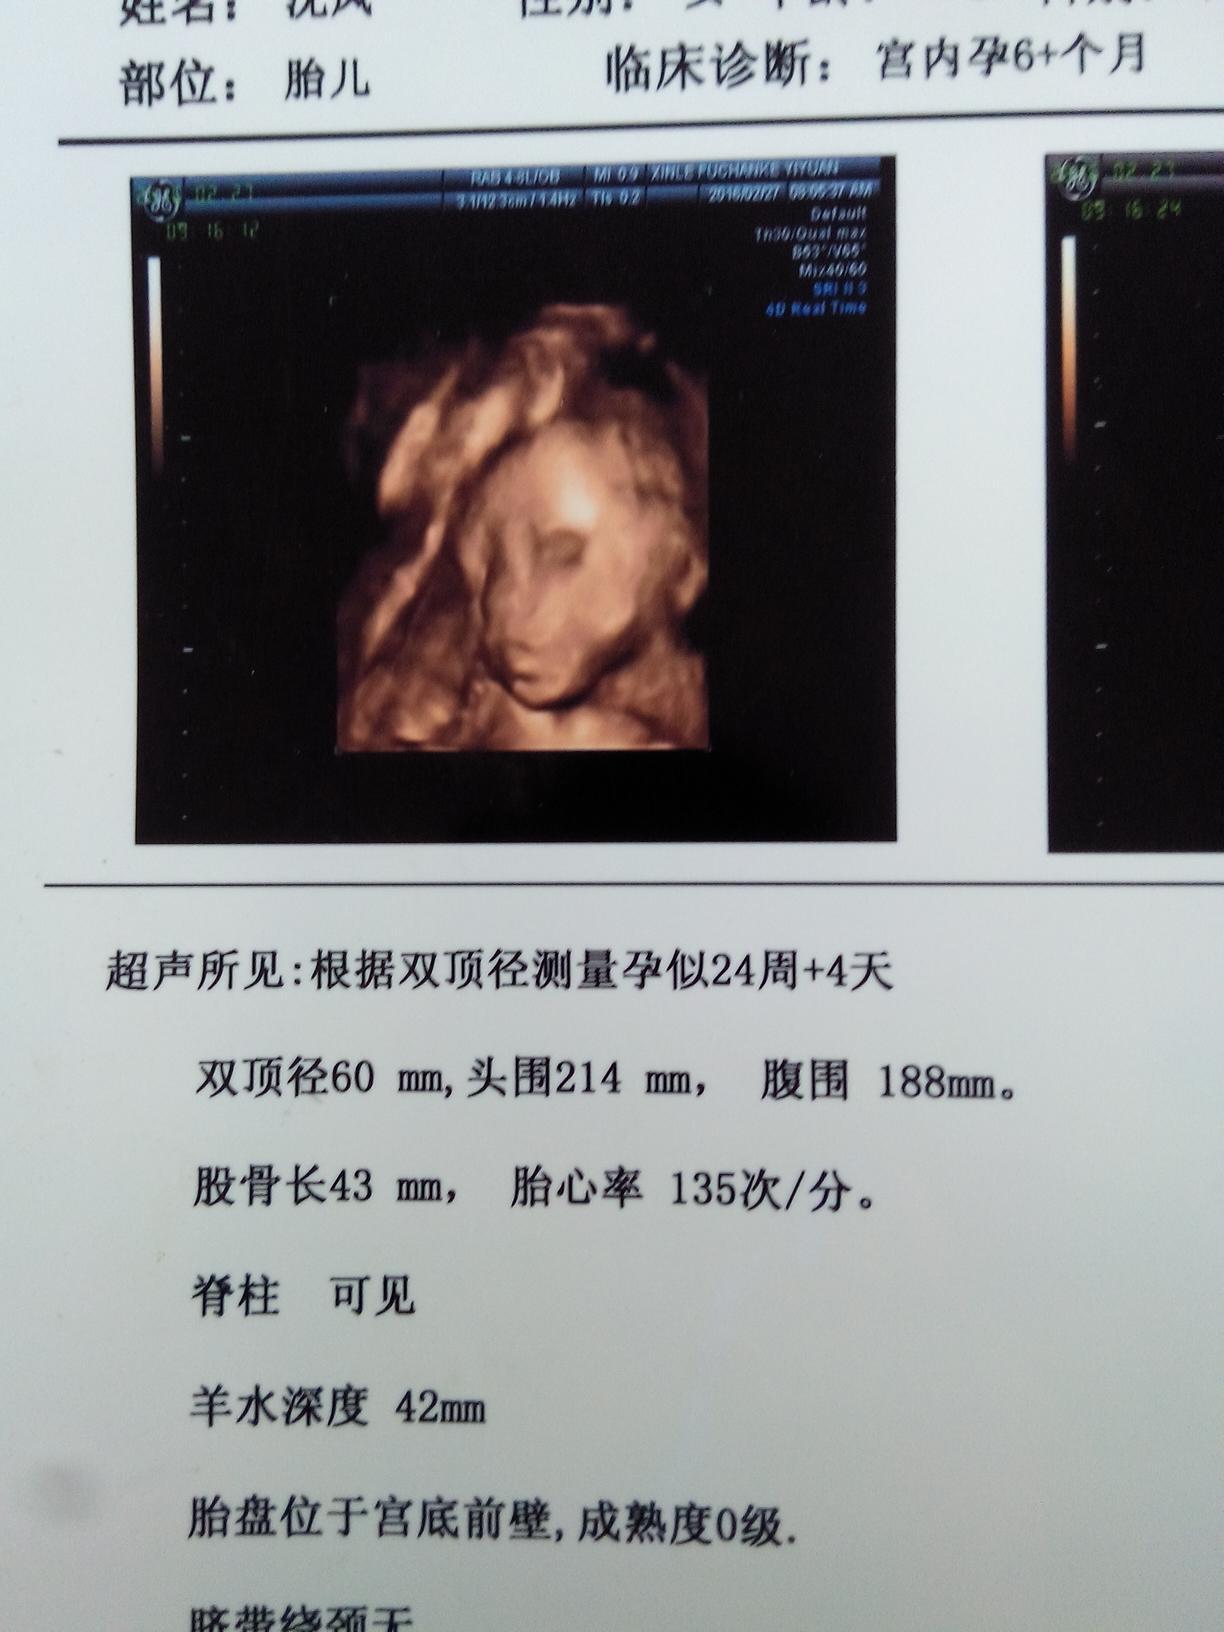 四维彩超图像_四维彩超多久能拿结果-做四维一次成功妙招,四维医生暗示像妈妈 ...